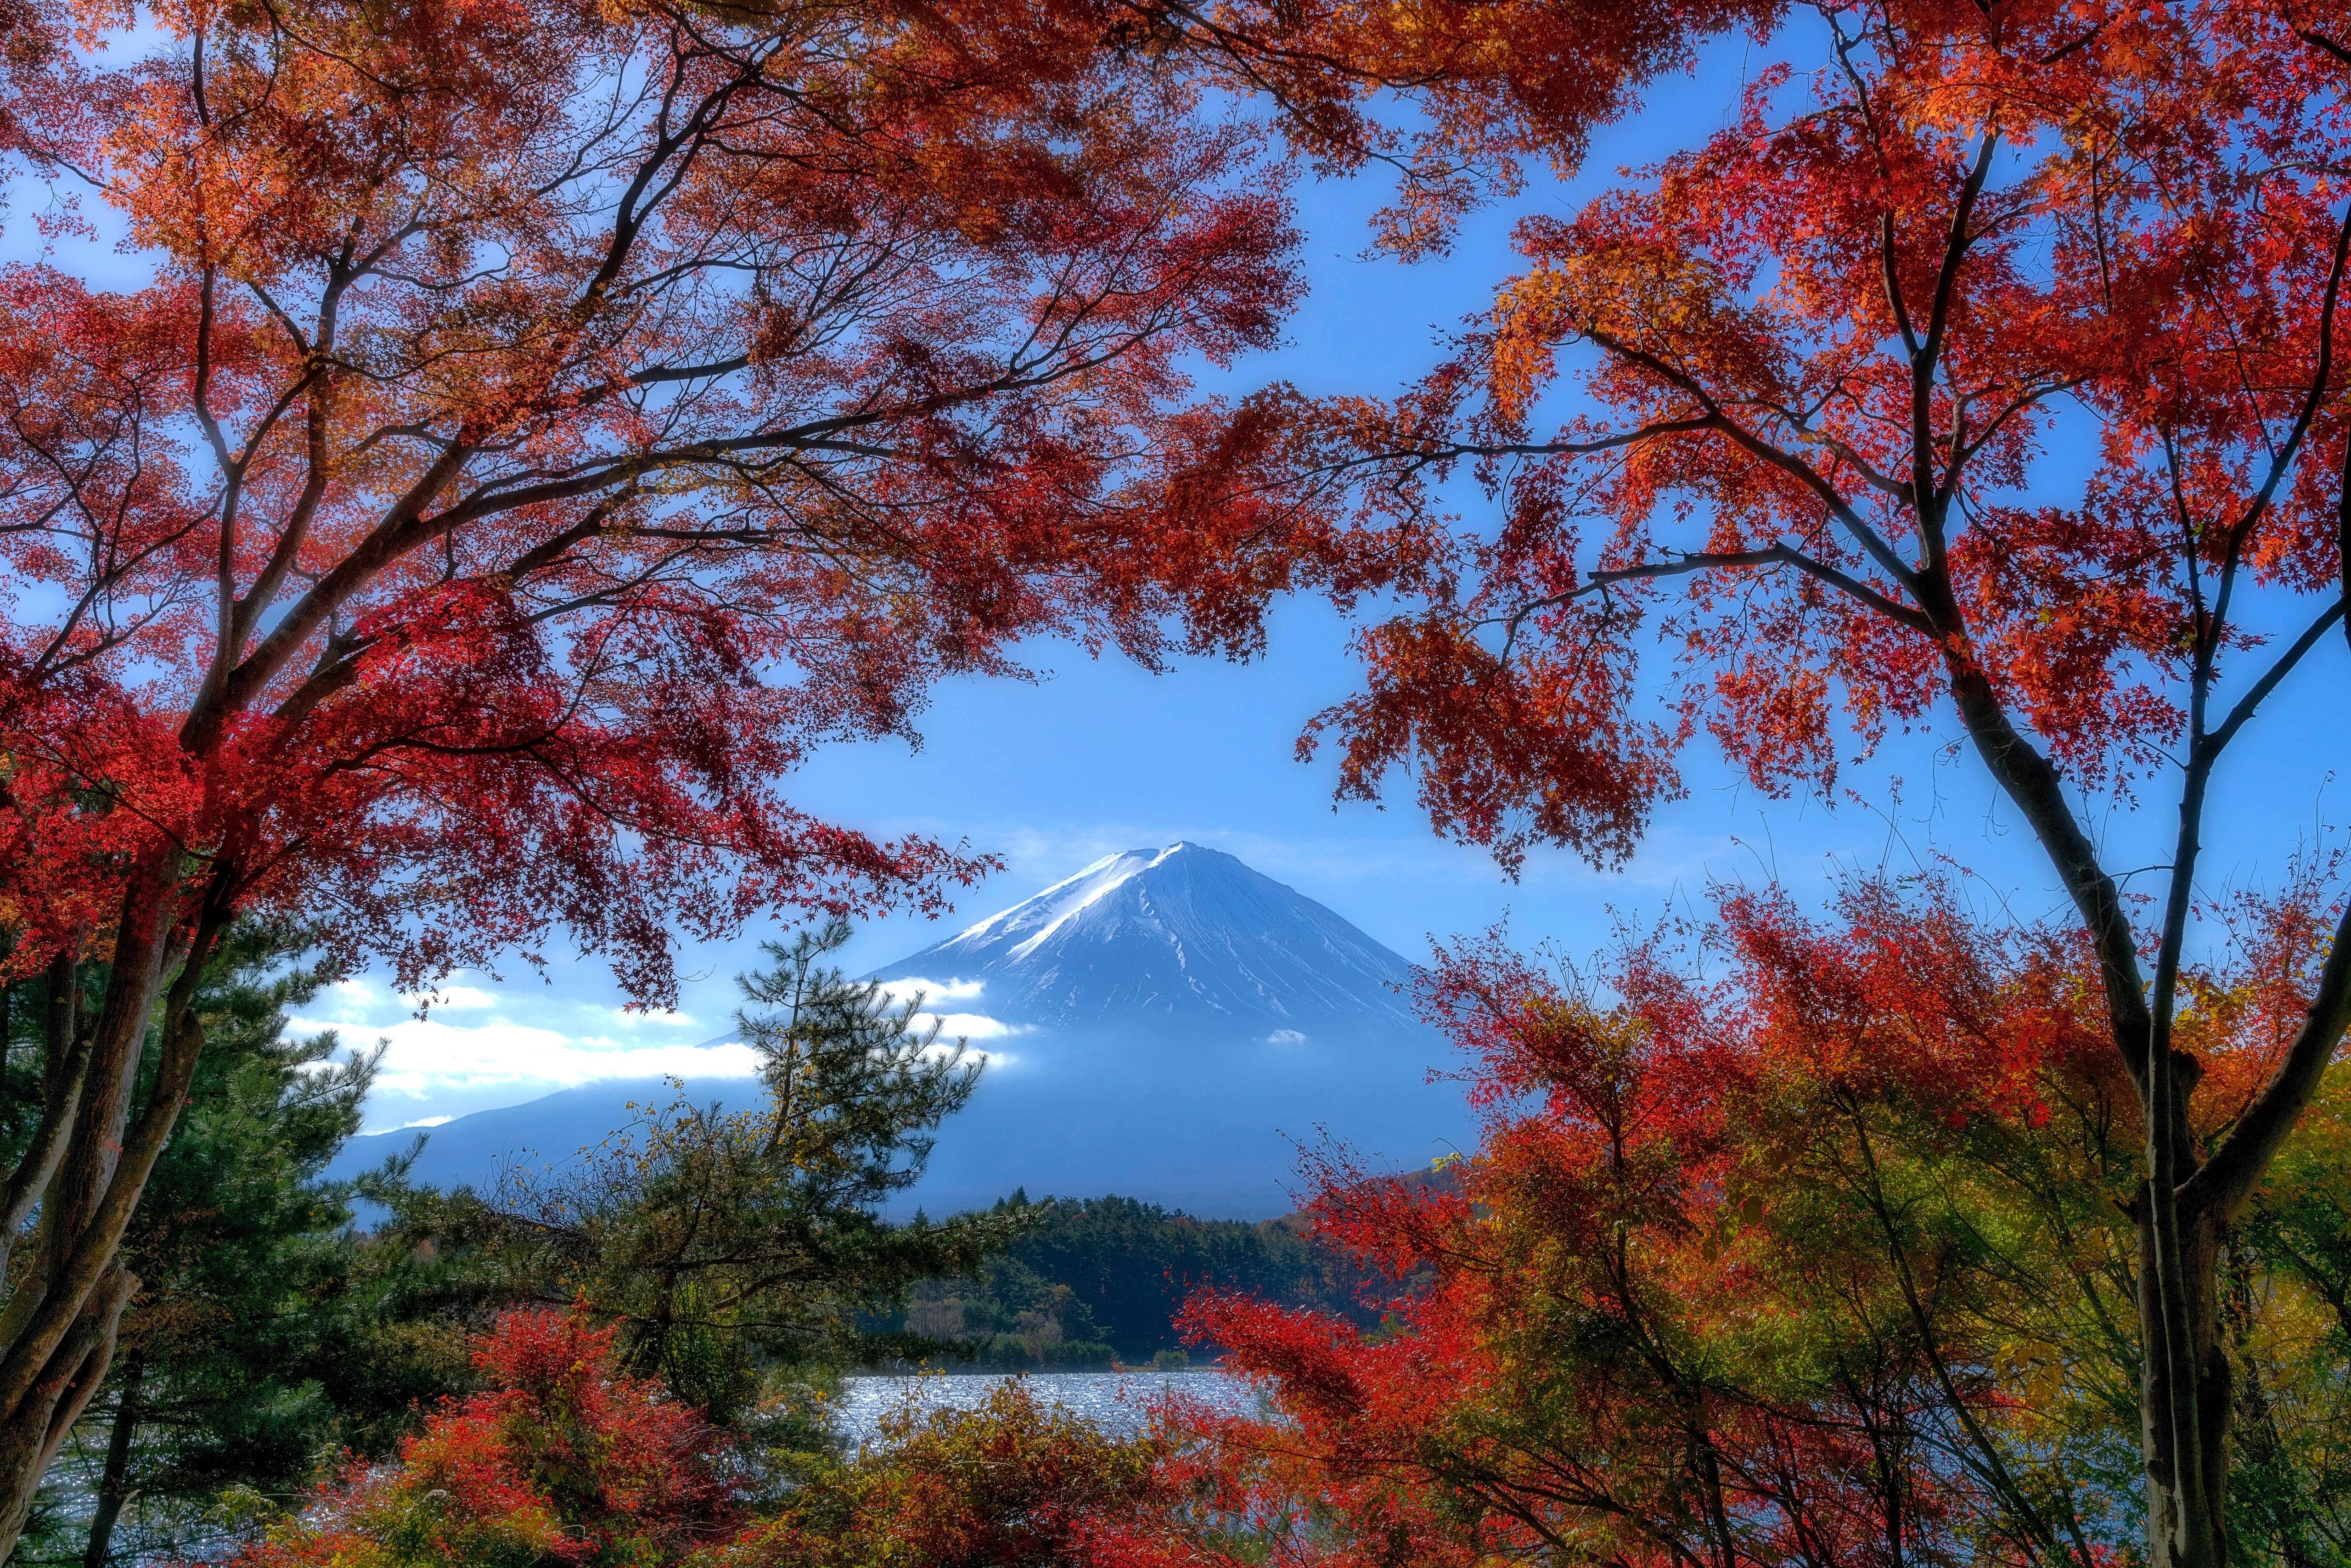 Image Mount Fuji Japan Nature Autumn Mountains Branches Trees 5120x3415 mountain